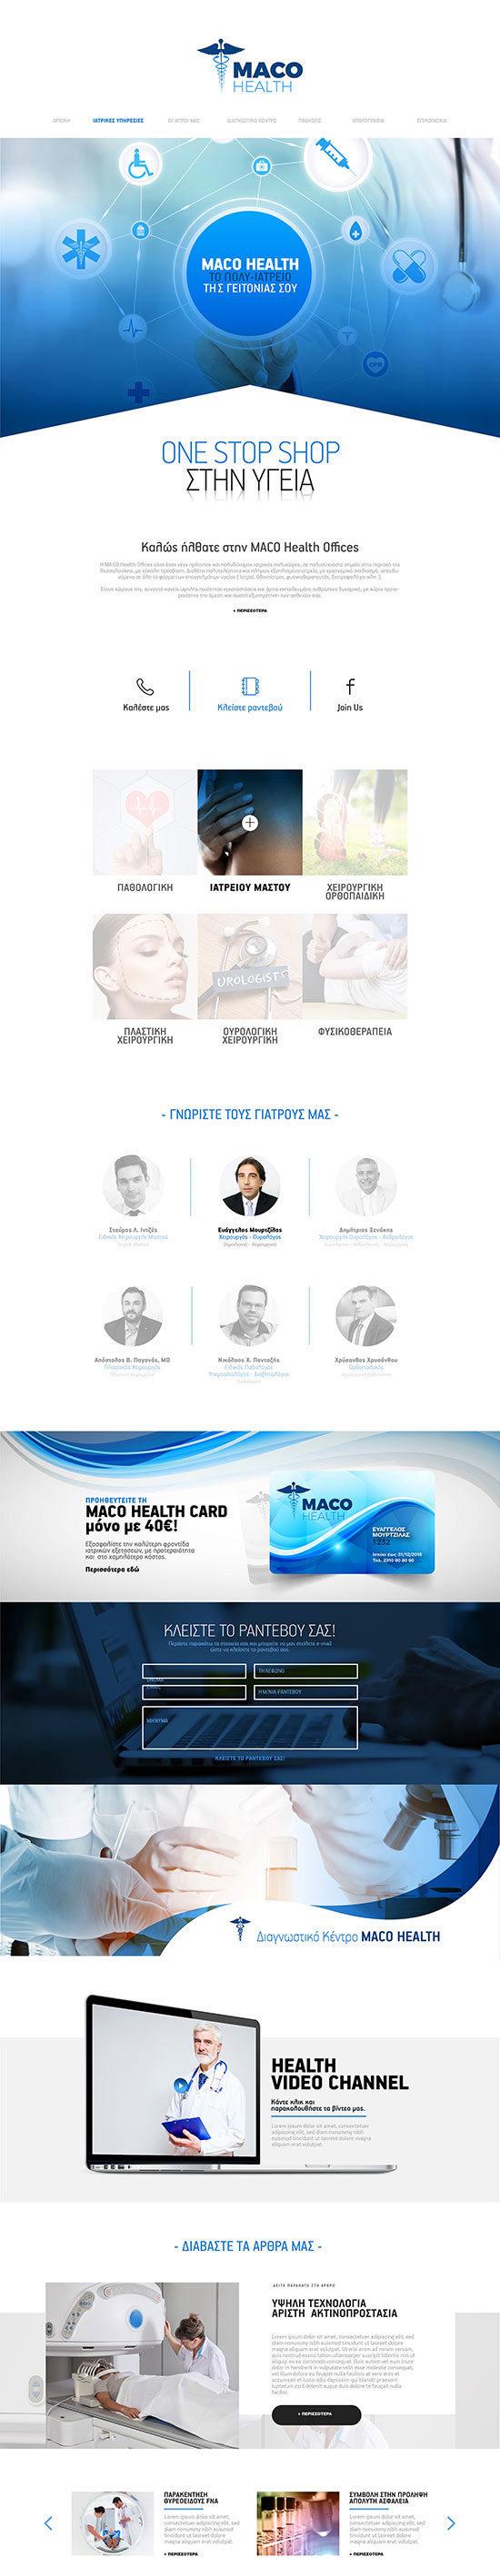 MA.CO Health